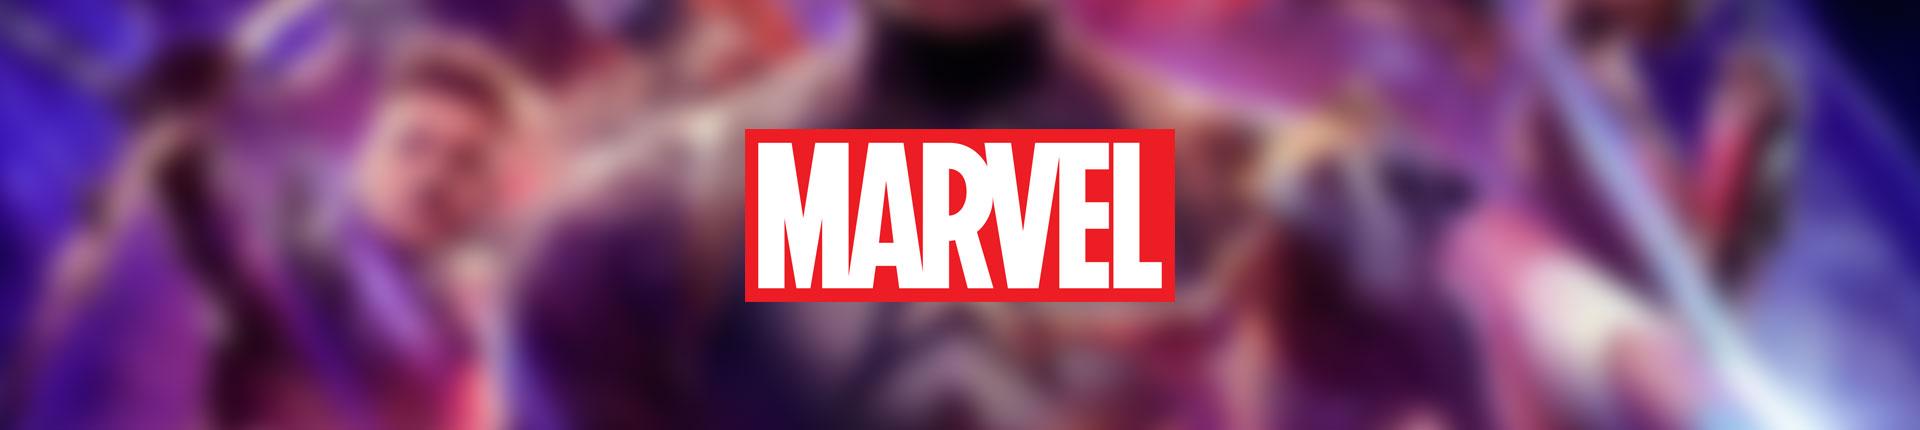 Kategorie Marvel Avengers